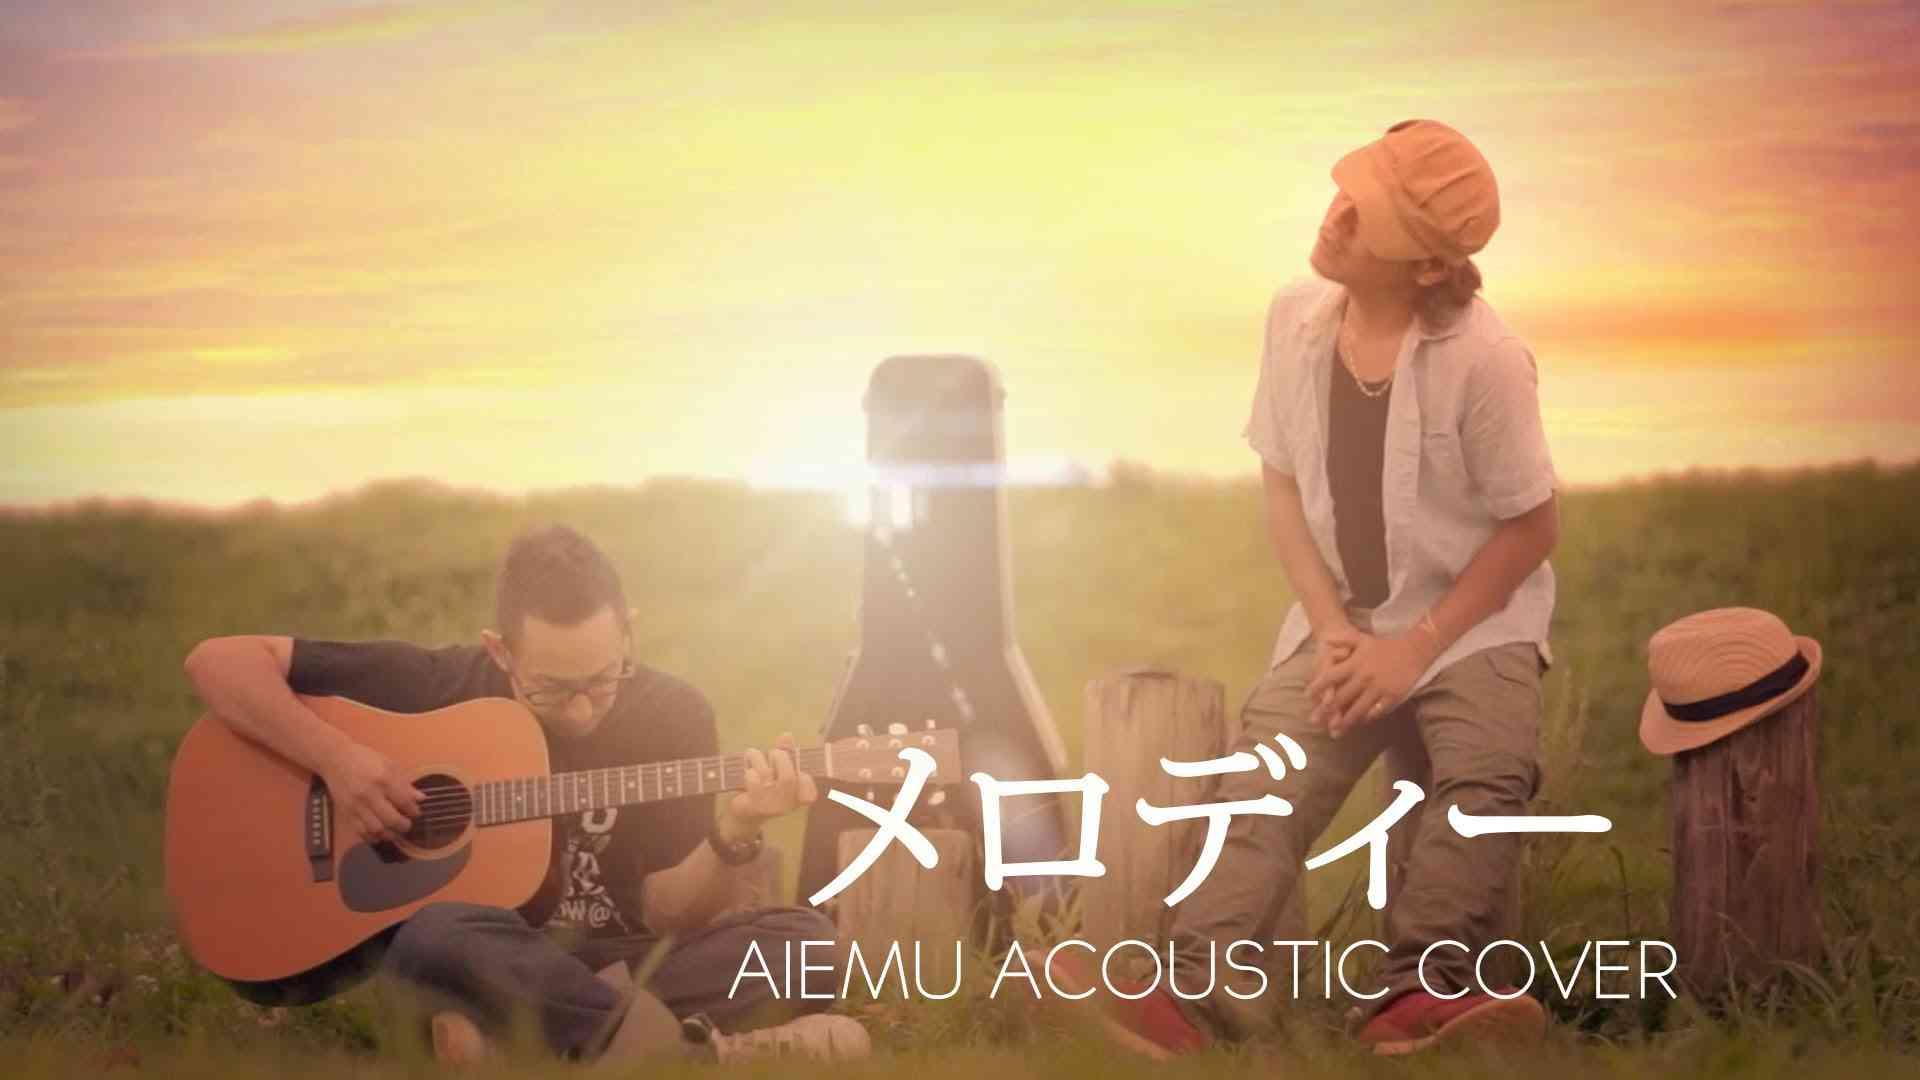 メロディー - 玉置浩二(愛笑む acoustic cover) - YouTube